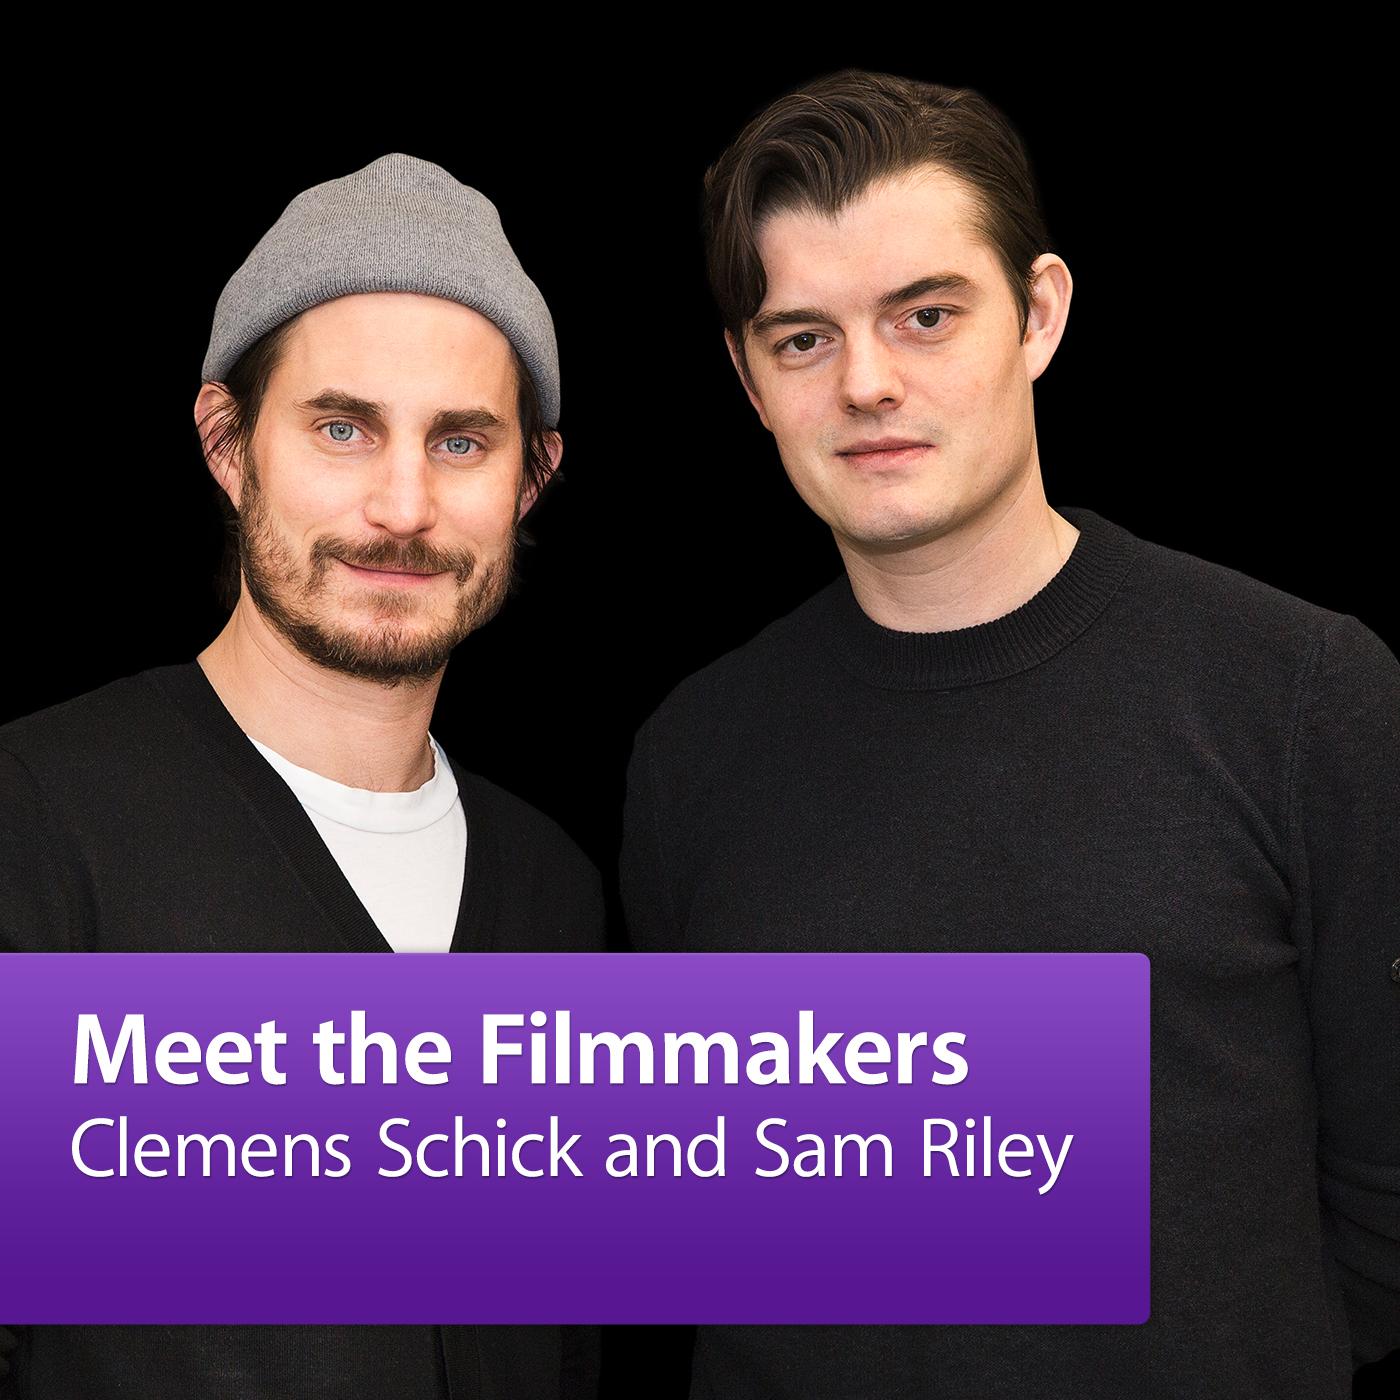 Sam Riley and Clemens Schick: Meet the Filmmaker